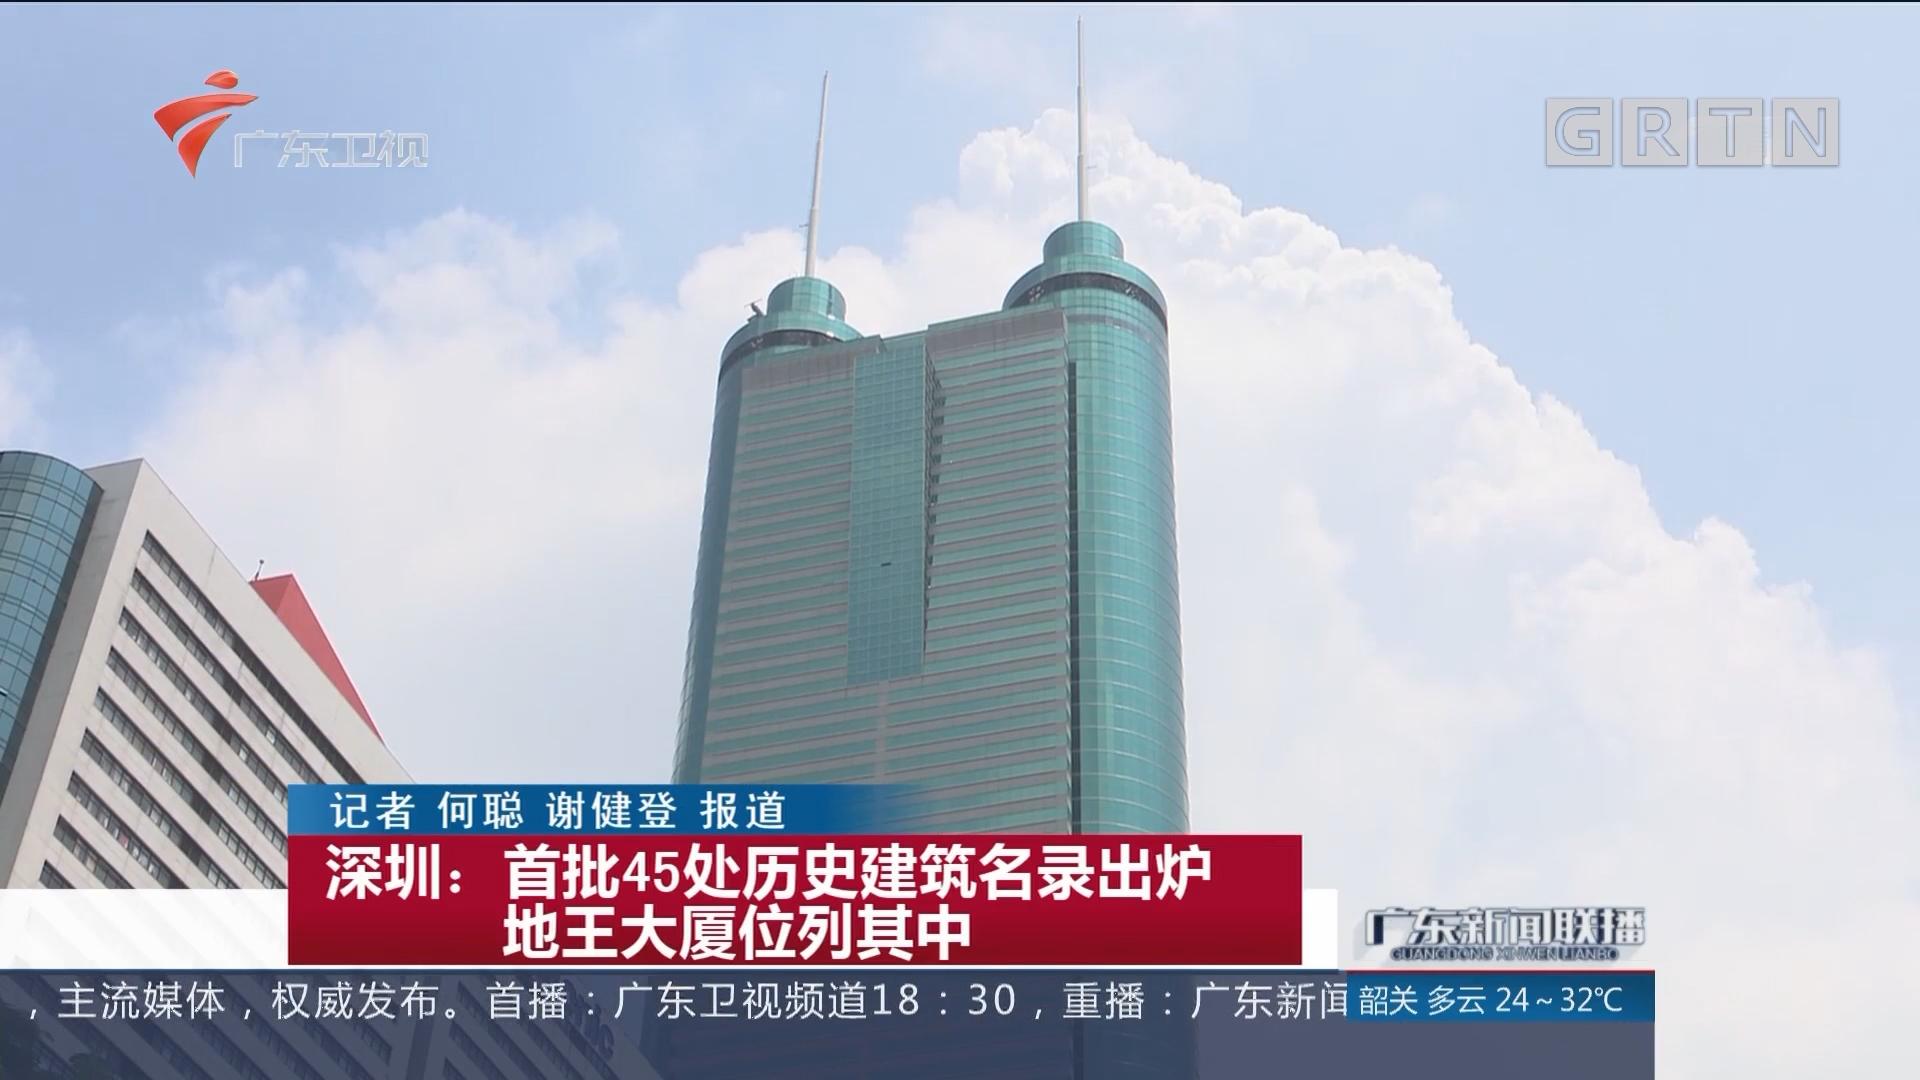 深圳:首批45处历史建筑名录出炉 地王大厦位列其中